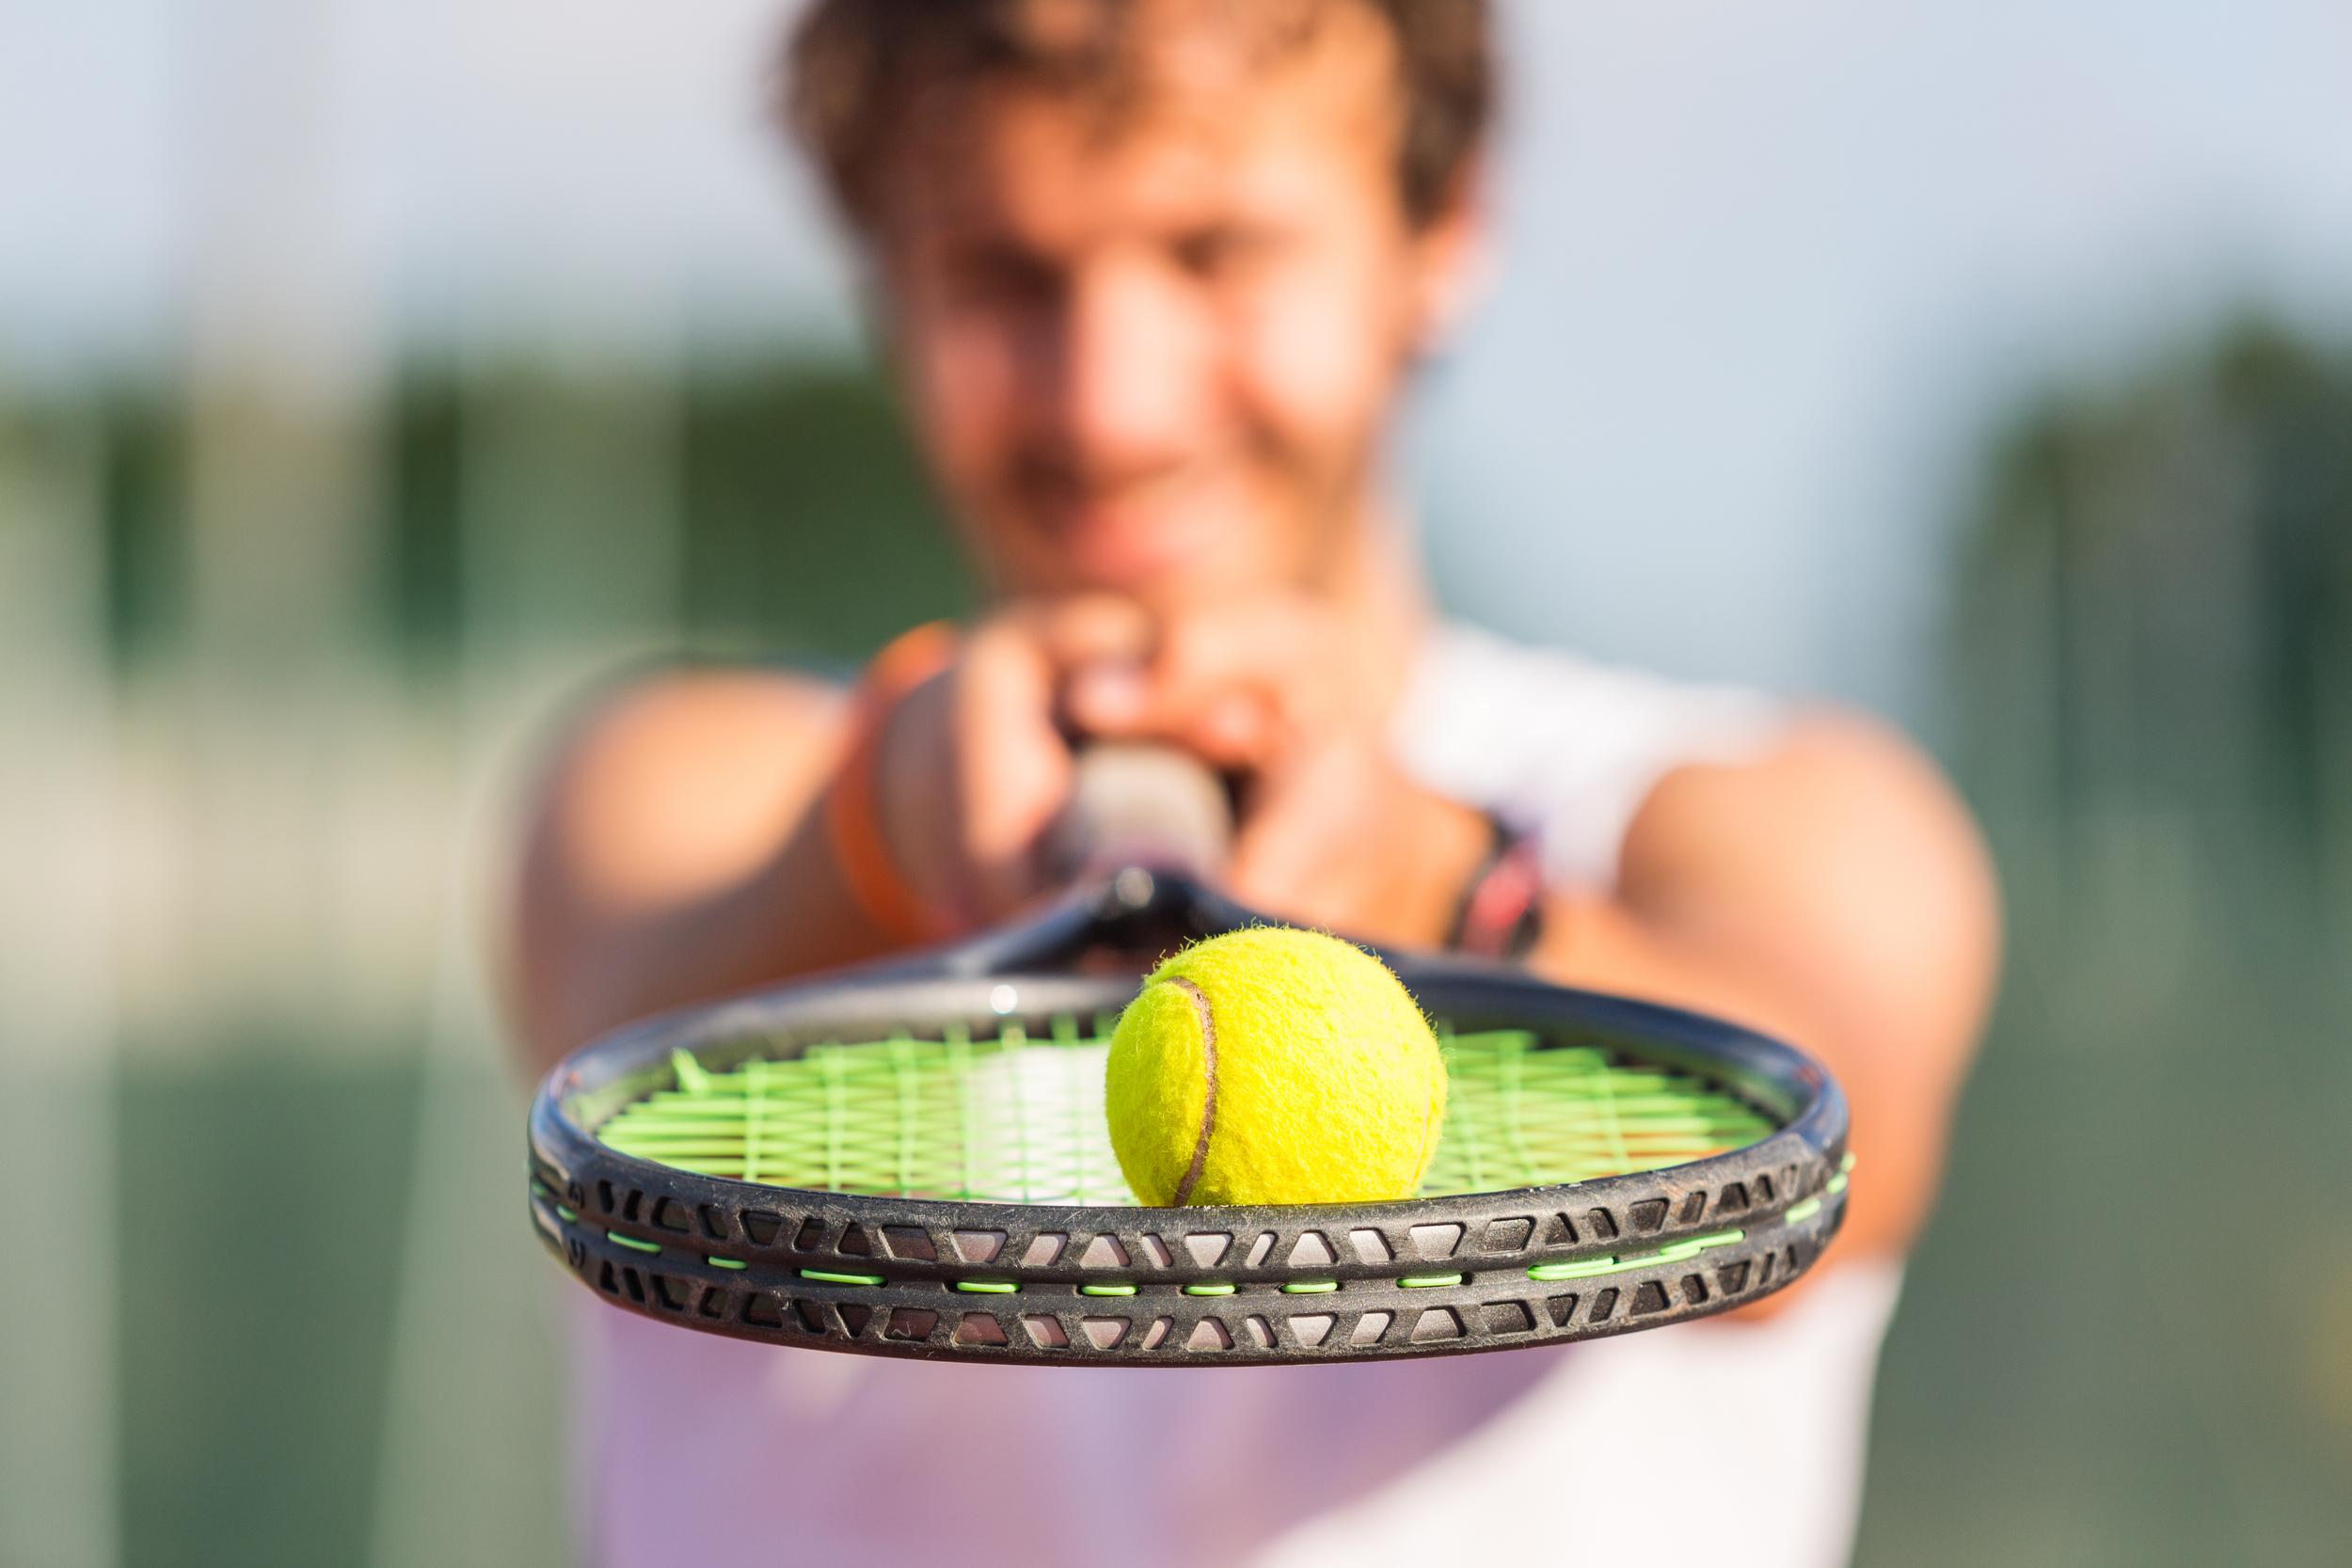 shutterstock - adult tennis - Male.jpg